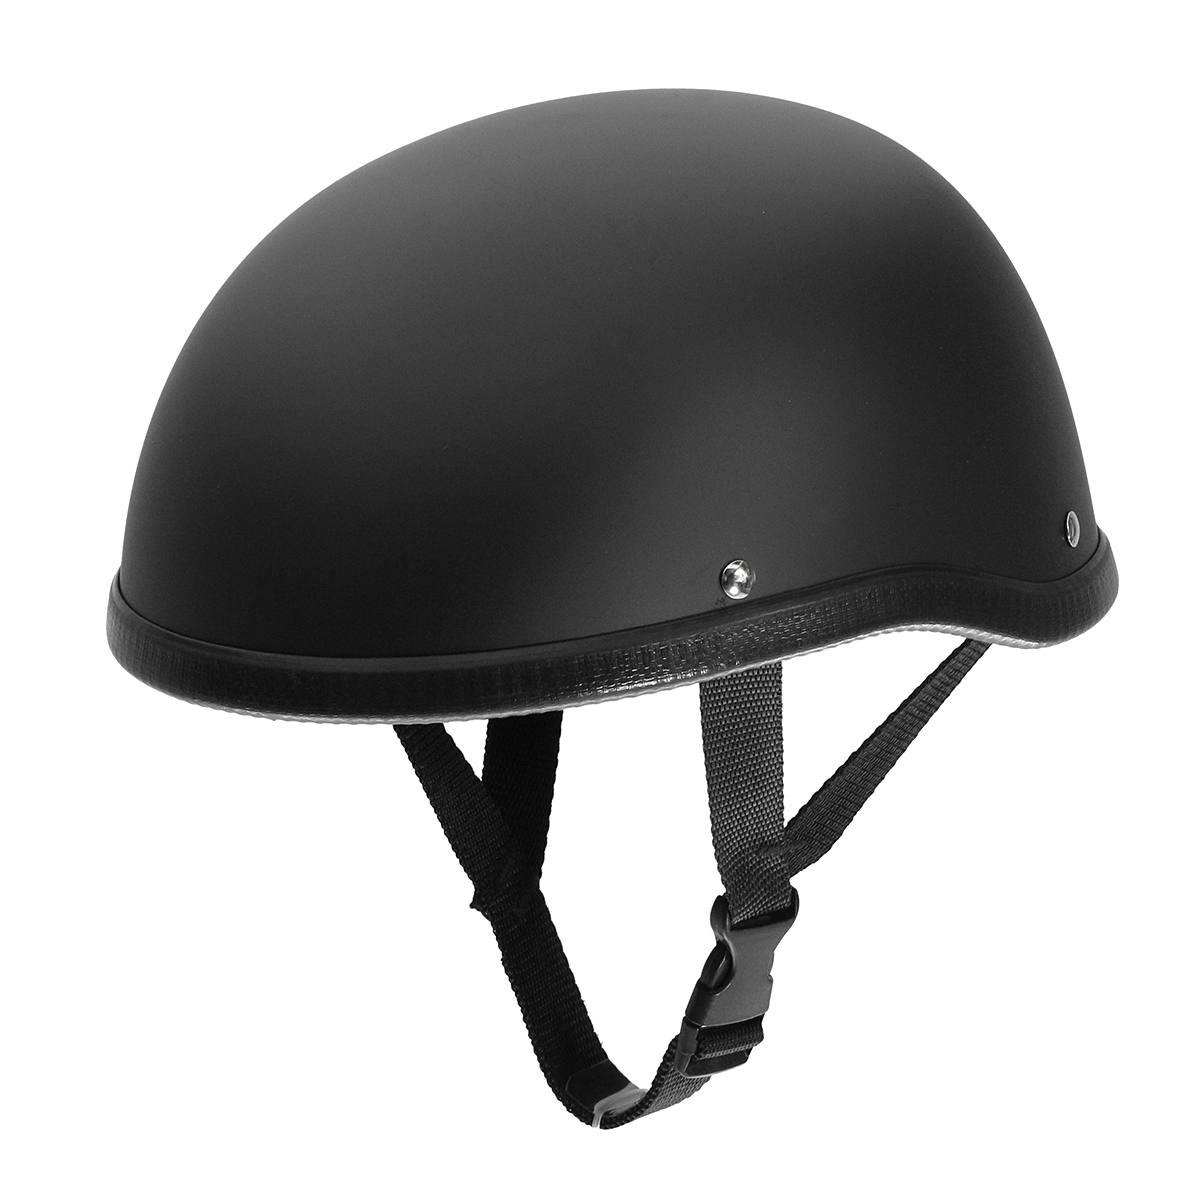 helmet motorcycle bike retro matte chopper harley motor helmets motorcycles universal